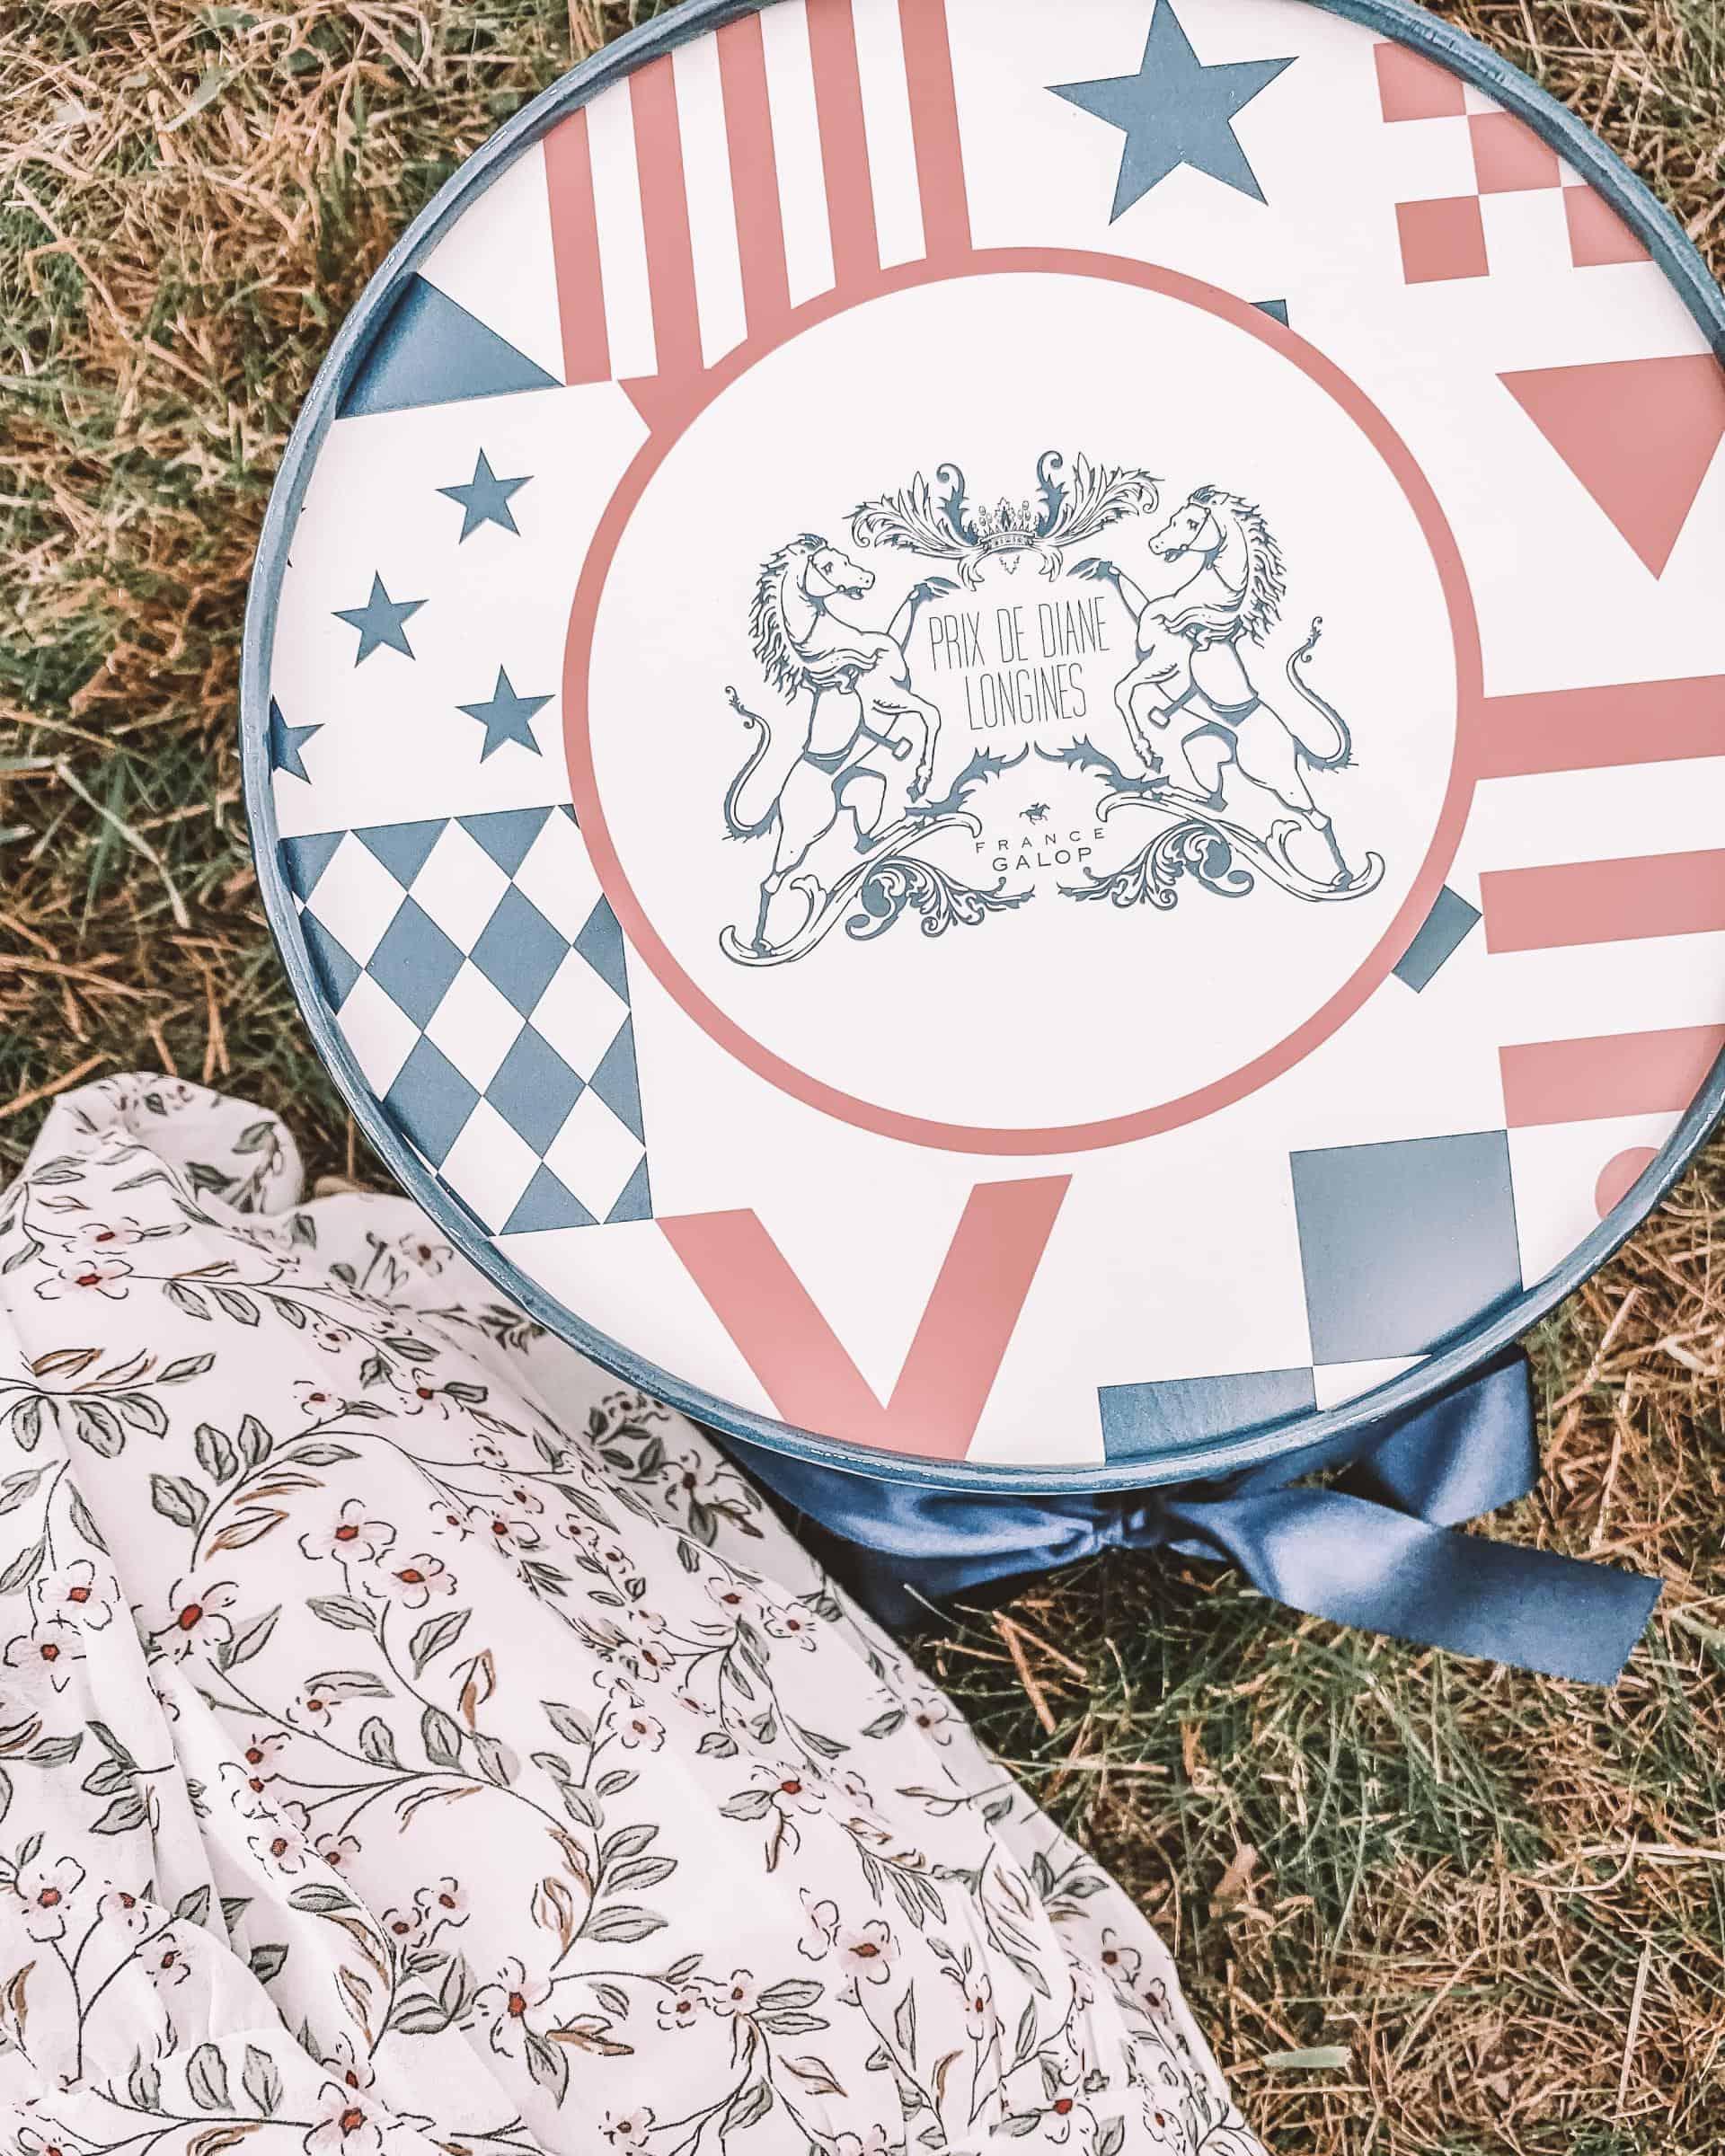 picnic basket at The Prix De Diane Longines